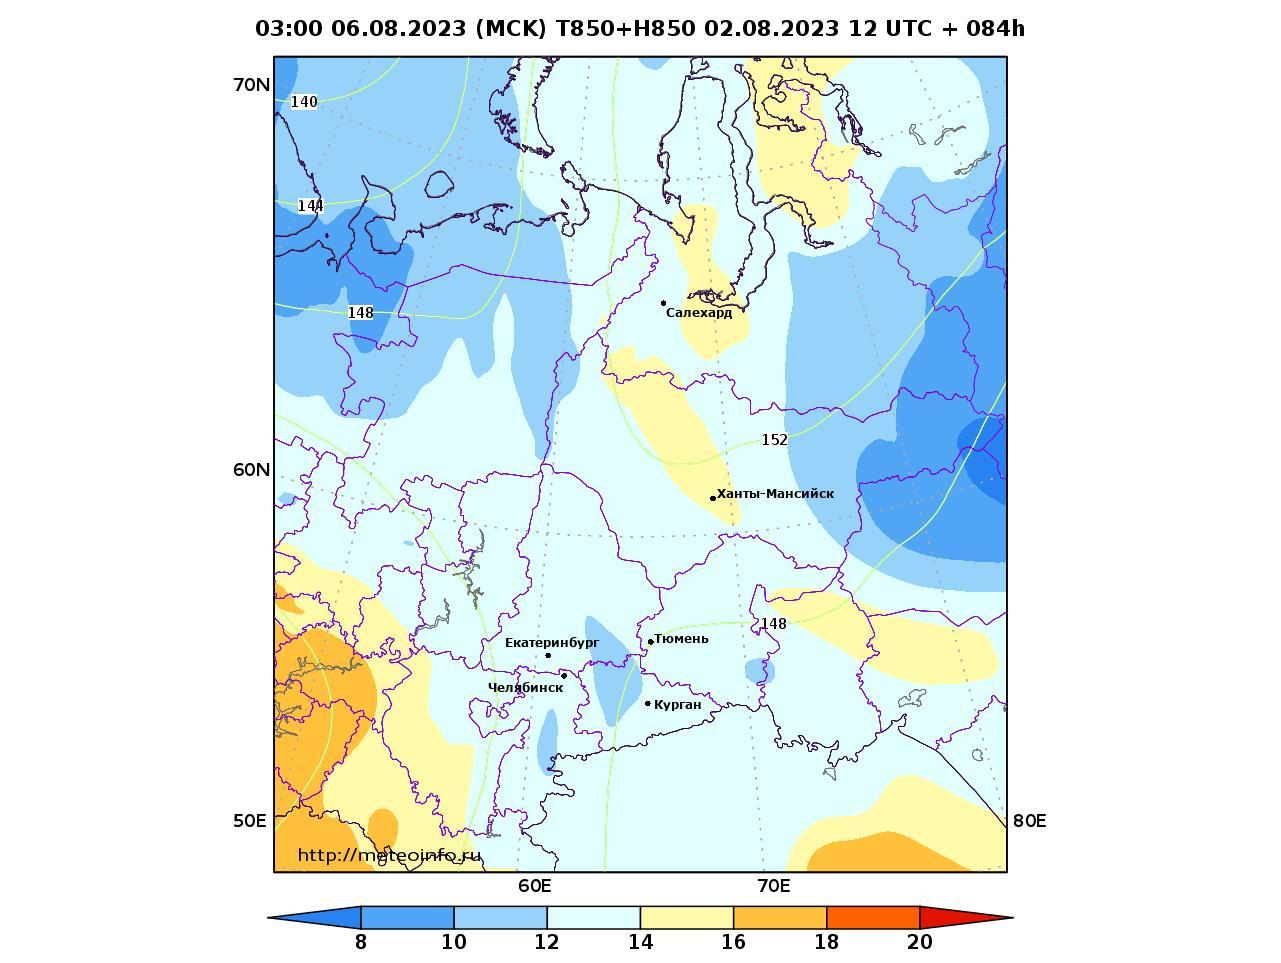 Уральский Федеральный округ, прогностическая карта температура T850 и геопотенциал H850, заблаговременность прогноза 84 часа